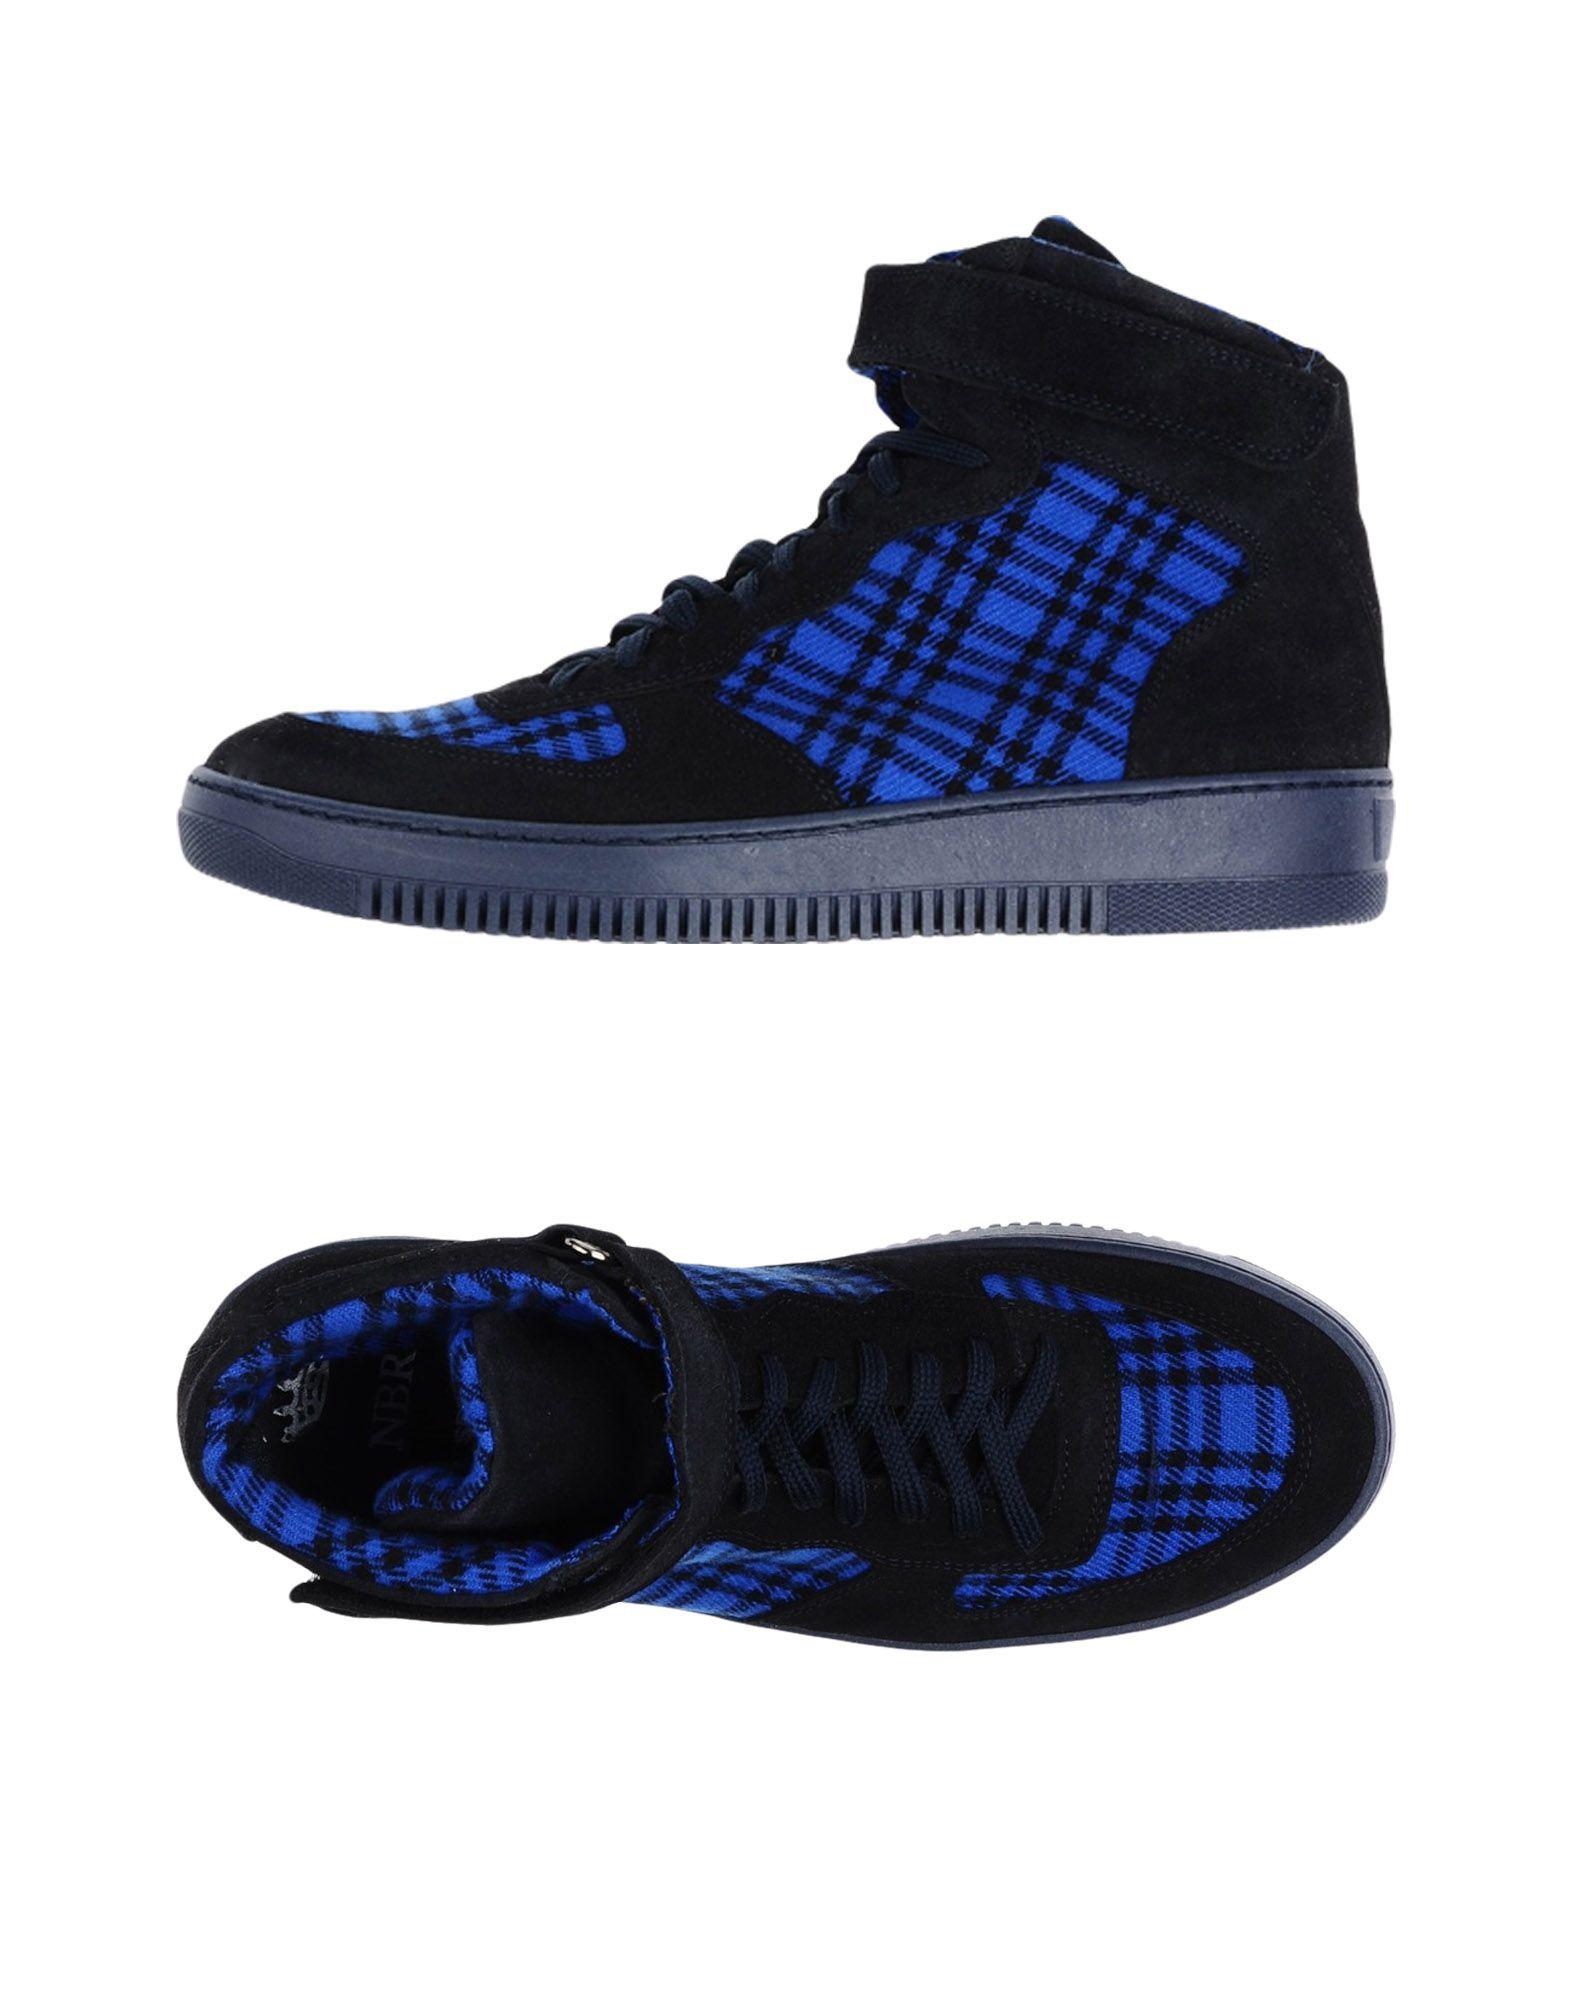 11292894CS Nbr¹ Sneakers Herren  11292894CS  Heiße Schuhe b6dbd5